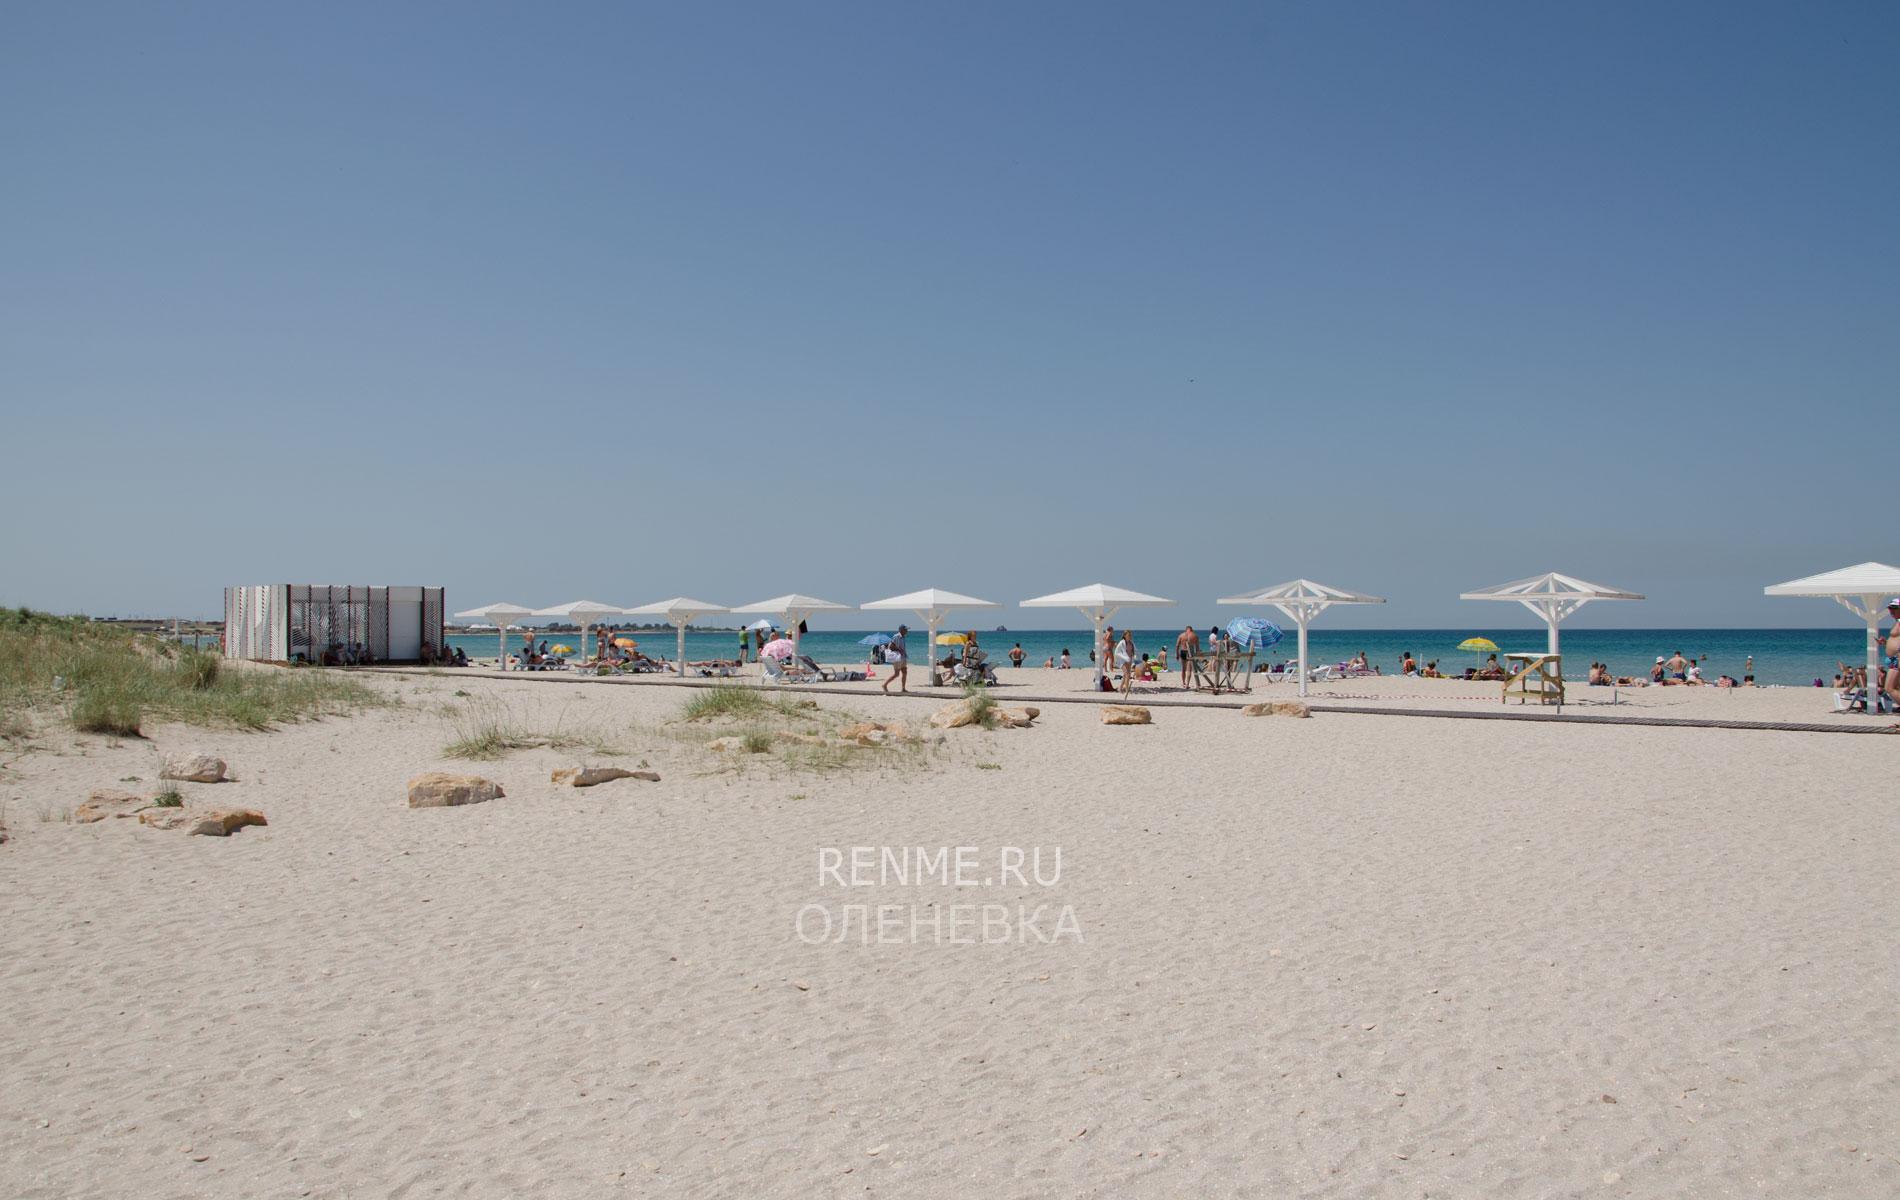 Пляж в Оленевке. Фото Оленевки